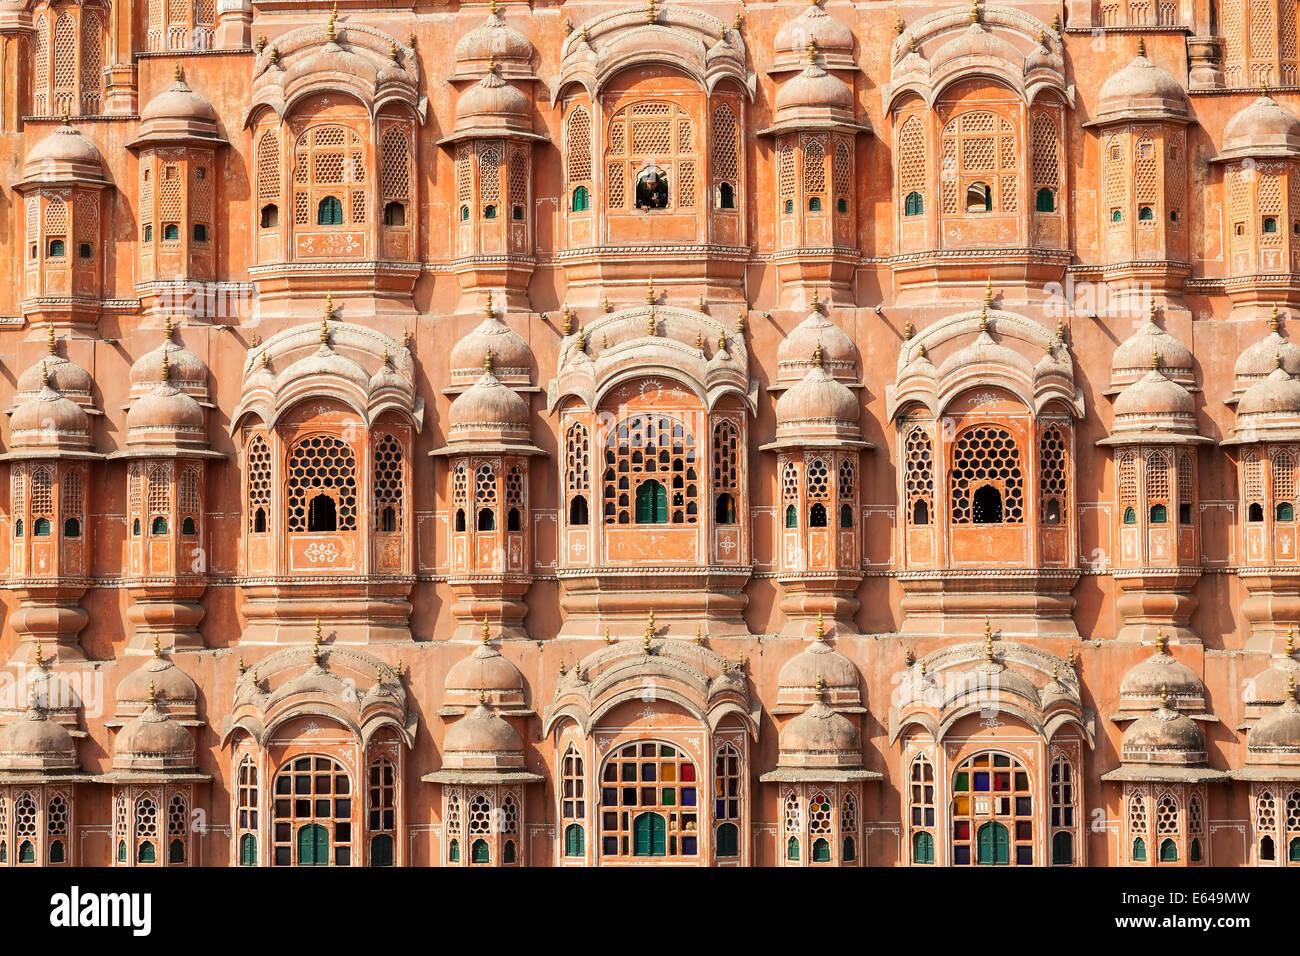 Palacio de los vientos (Hawa Mahal), Jaipur, Rajasthan, India Imagen De Stock